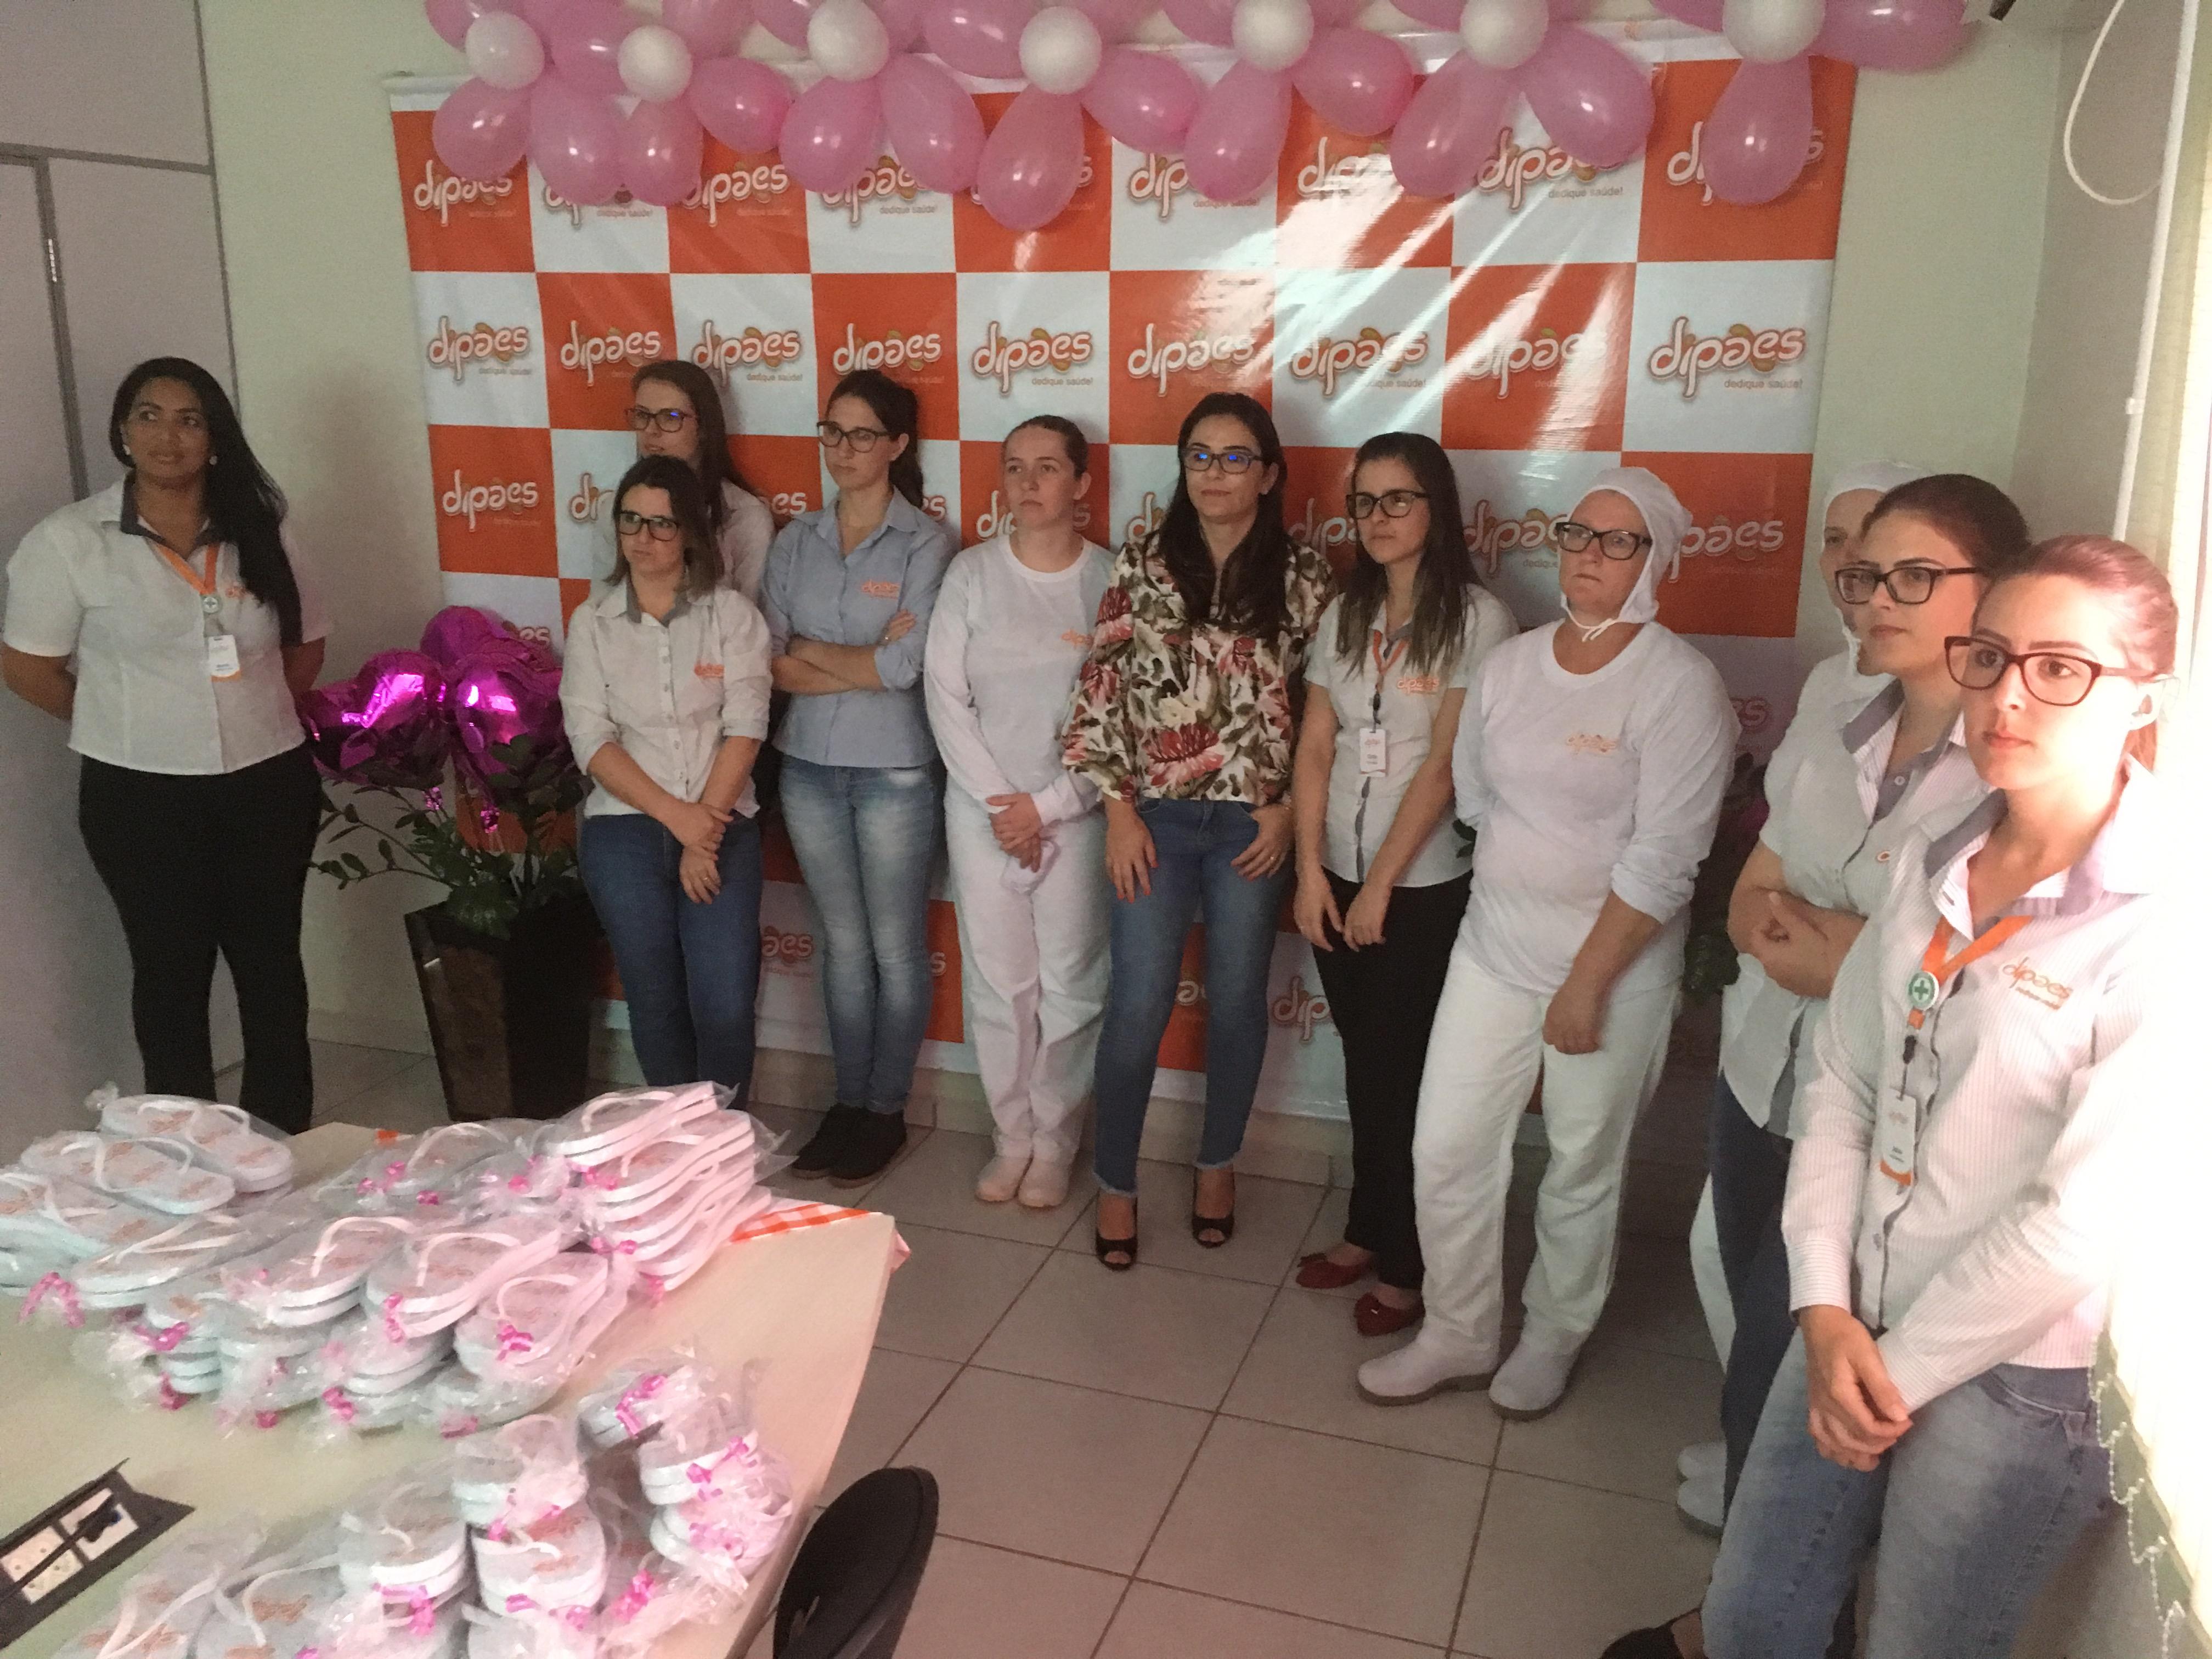 Dipães homenageia colaboradoras pelo Dia Internacional da Mulher